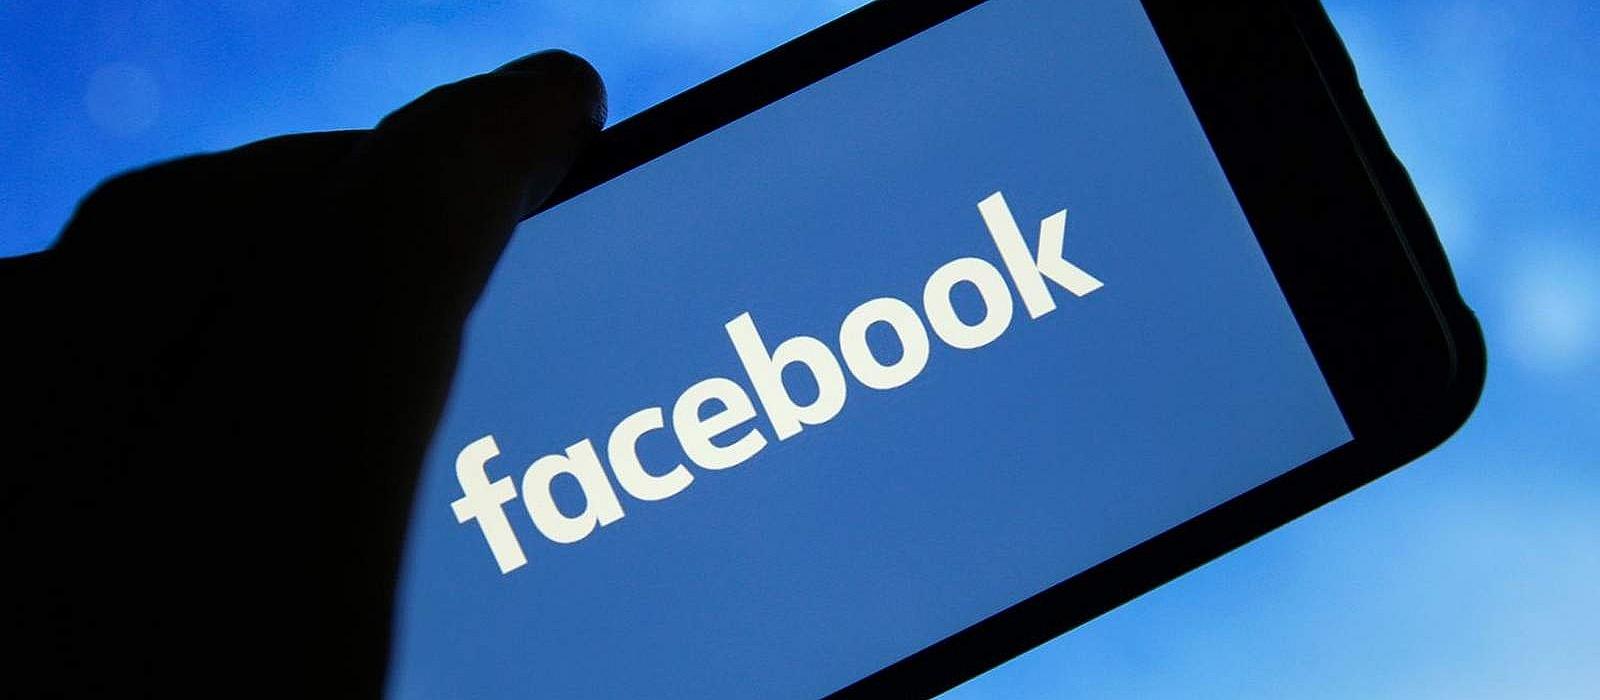 In Russland kann Facebook mit einer Geldstrafe belegt werden, wenn verbotene Inhalte nicht entfernt werden